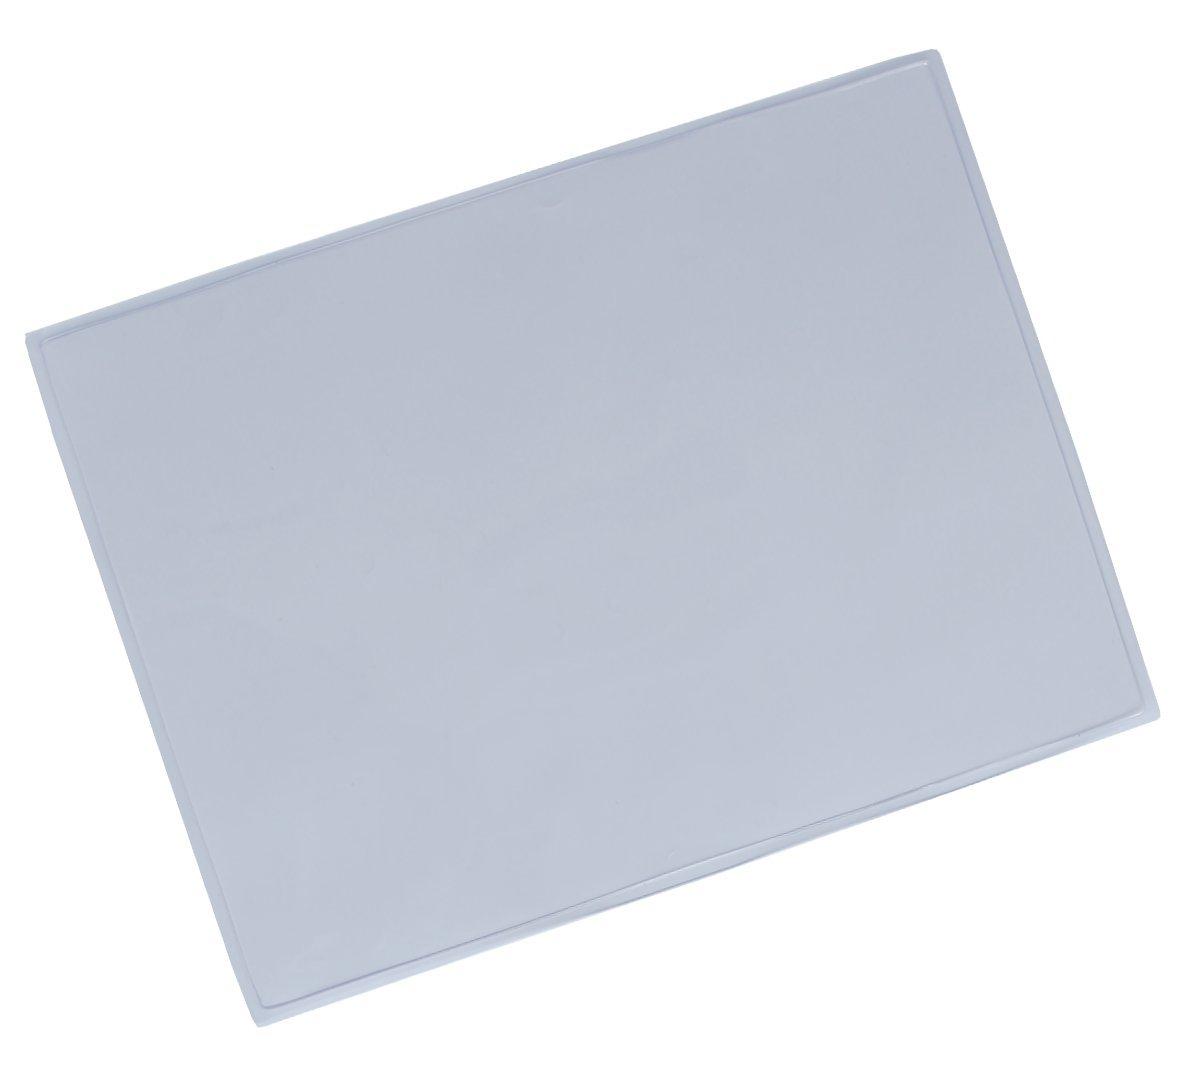 Kim Kranholdt pratica scrivania sott'acqua si trova uno strato di vetro trasparente in plastica, antiscivolo e lavabile, trasparente Format: 630 x 500 mm Kim Kranholdt GmbH 2305000-1